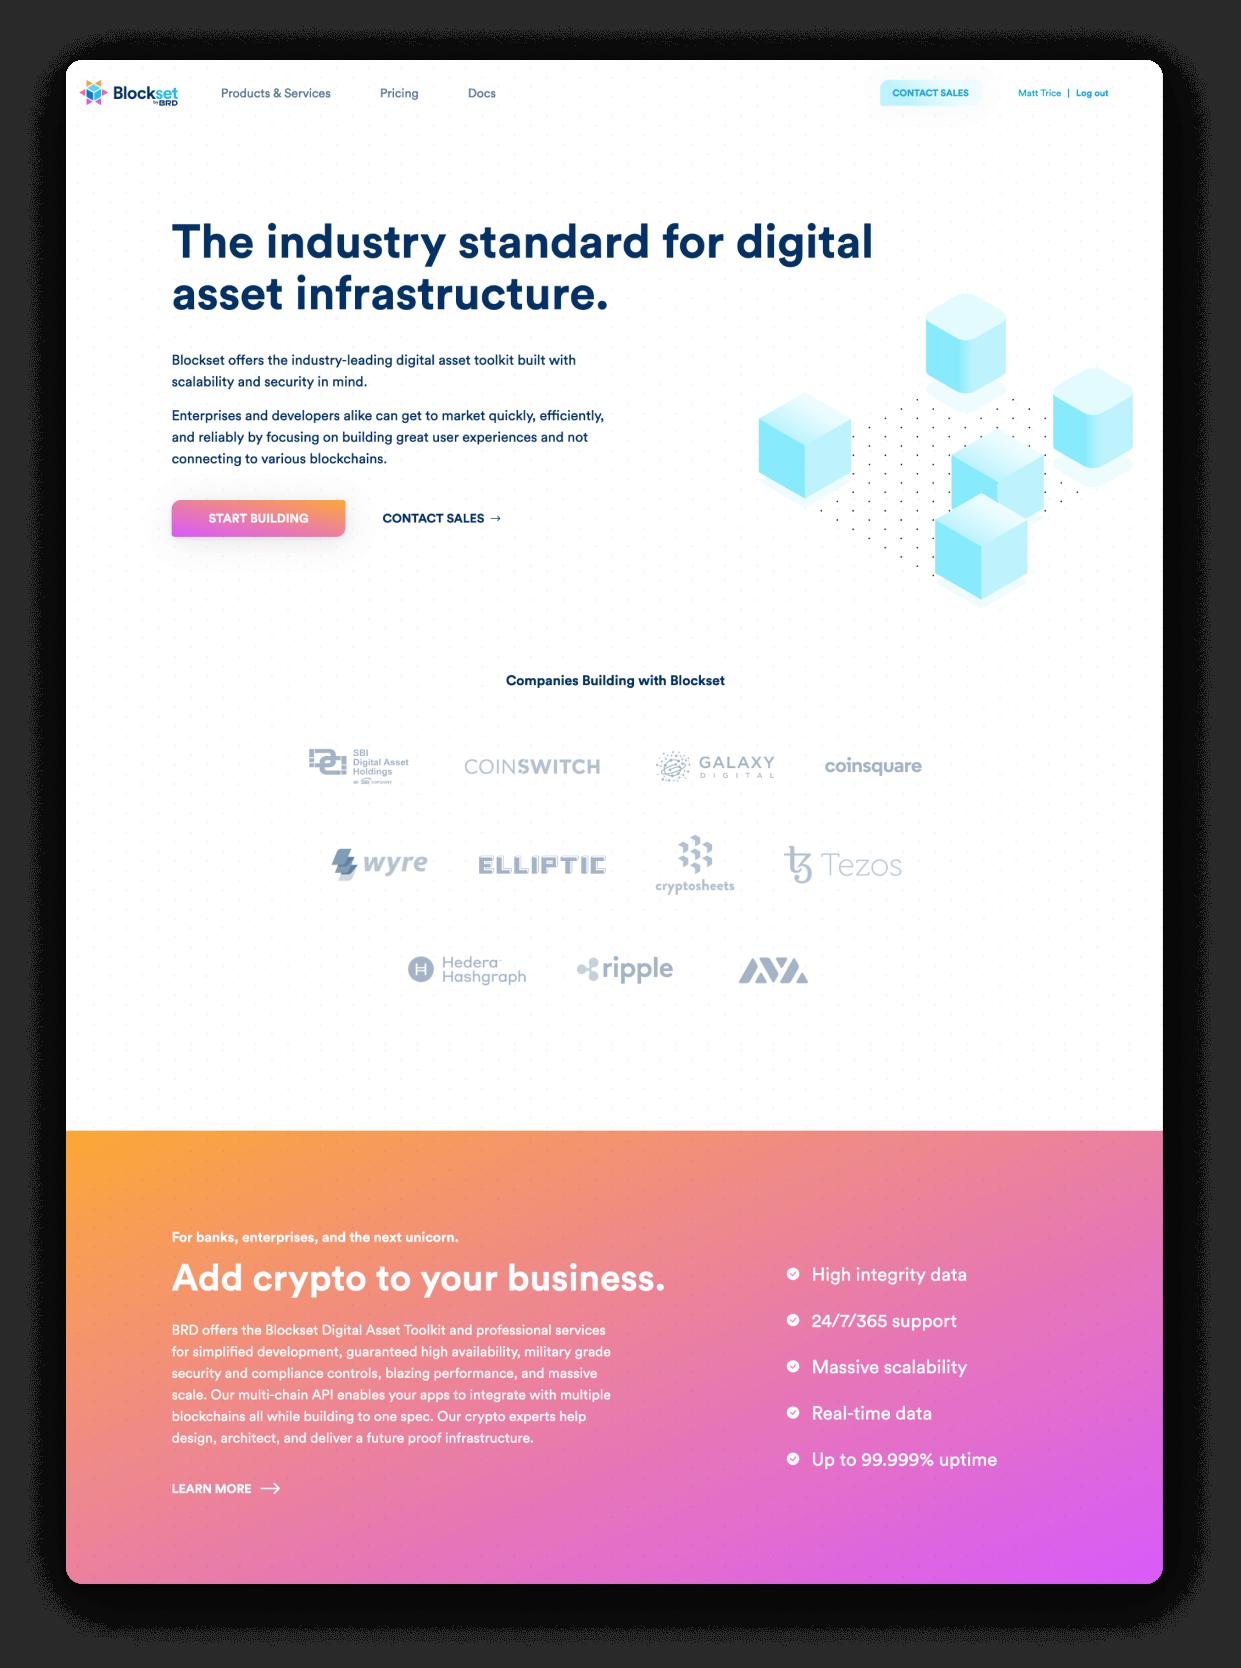 Blockset website home page